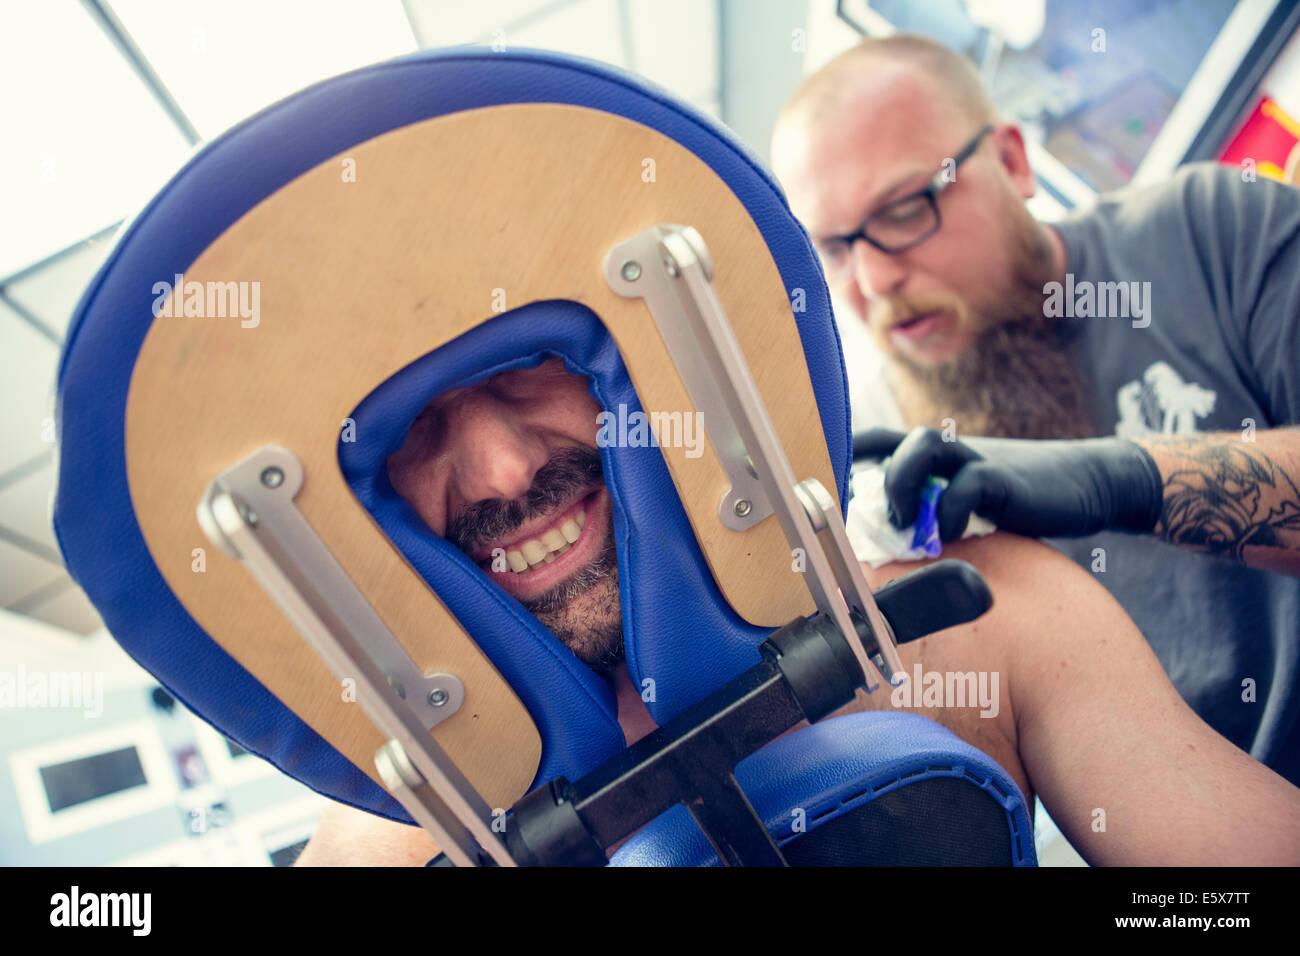 Los clientes masculinos se enfrentan entre reposacabezas en tienda de tatuajes Imagen De Stock